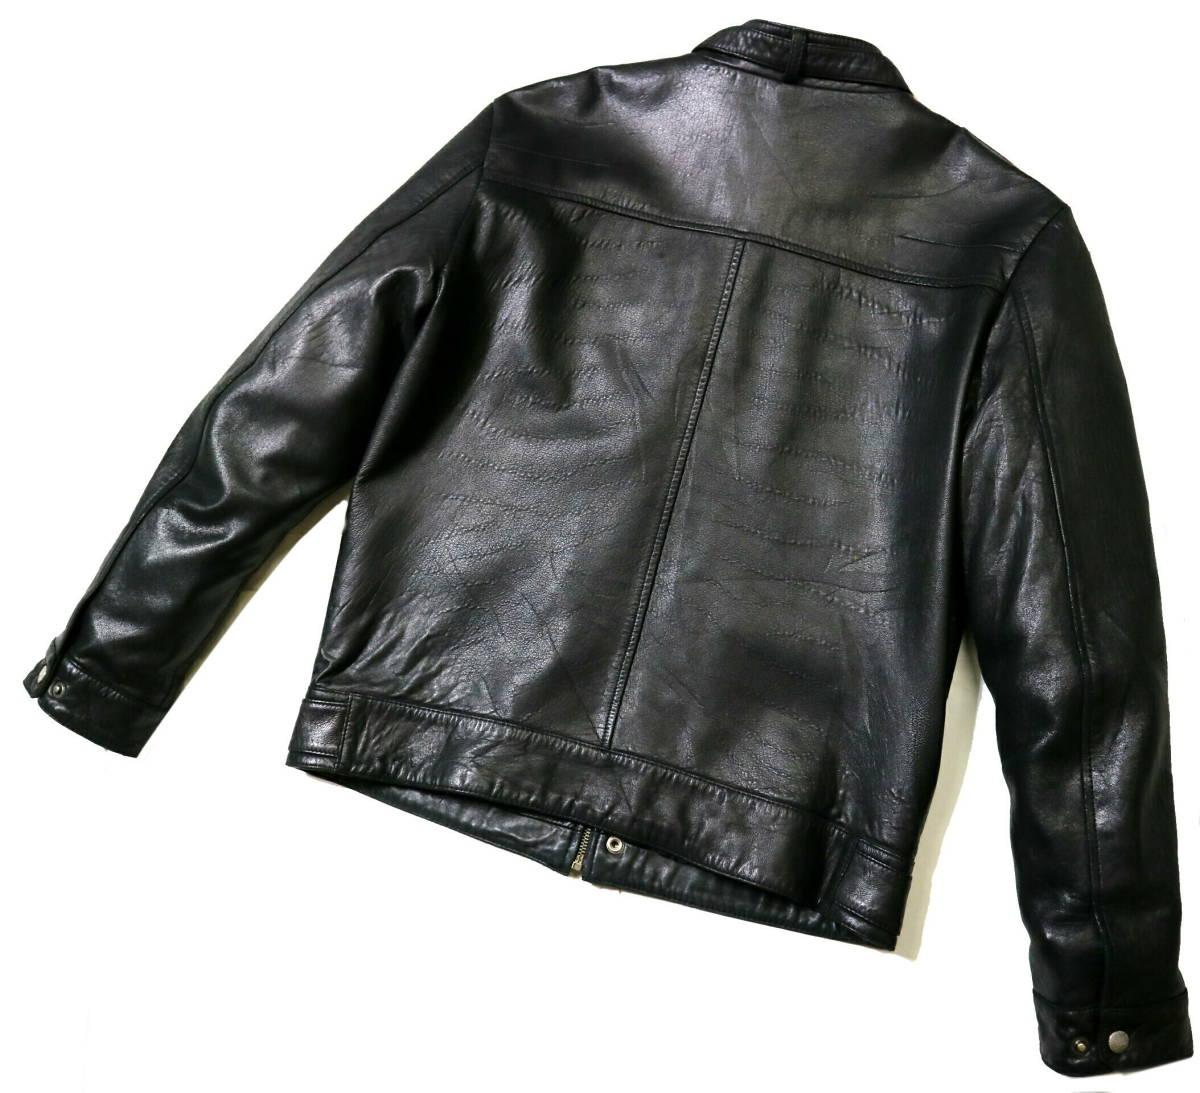 かなり良好/春秋レザー!◆韓国製 Chic Leather 羊革 レザージャケット◆Lサイズ相当(身長175-177センチ位)_画像2